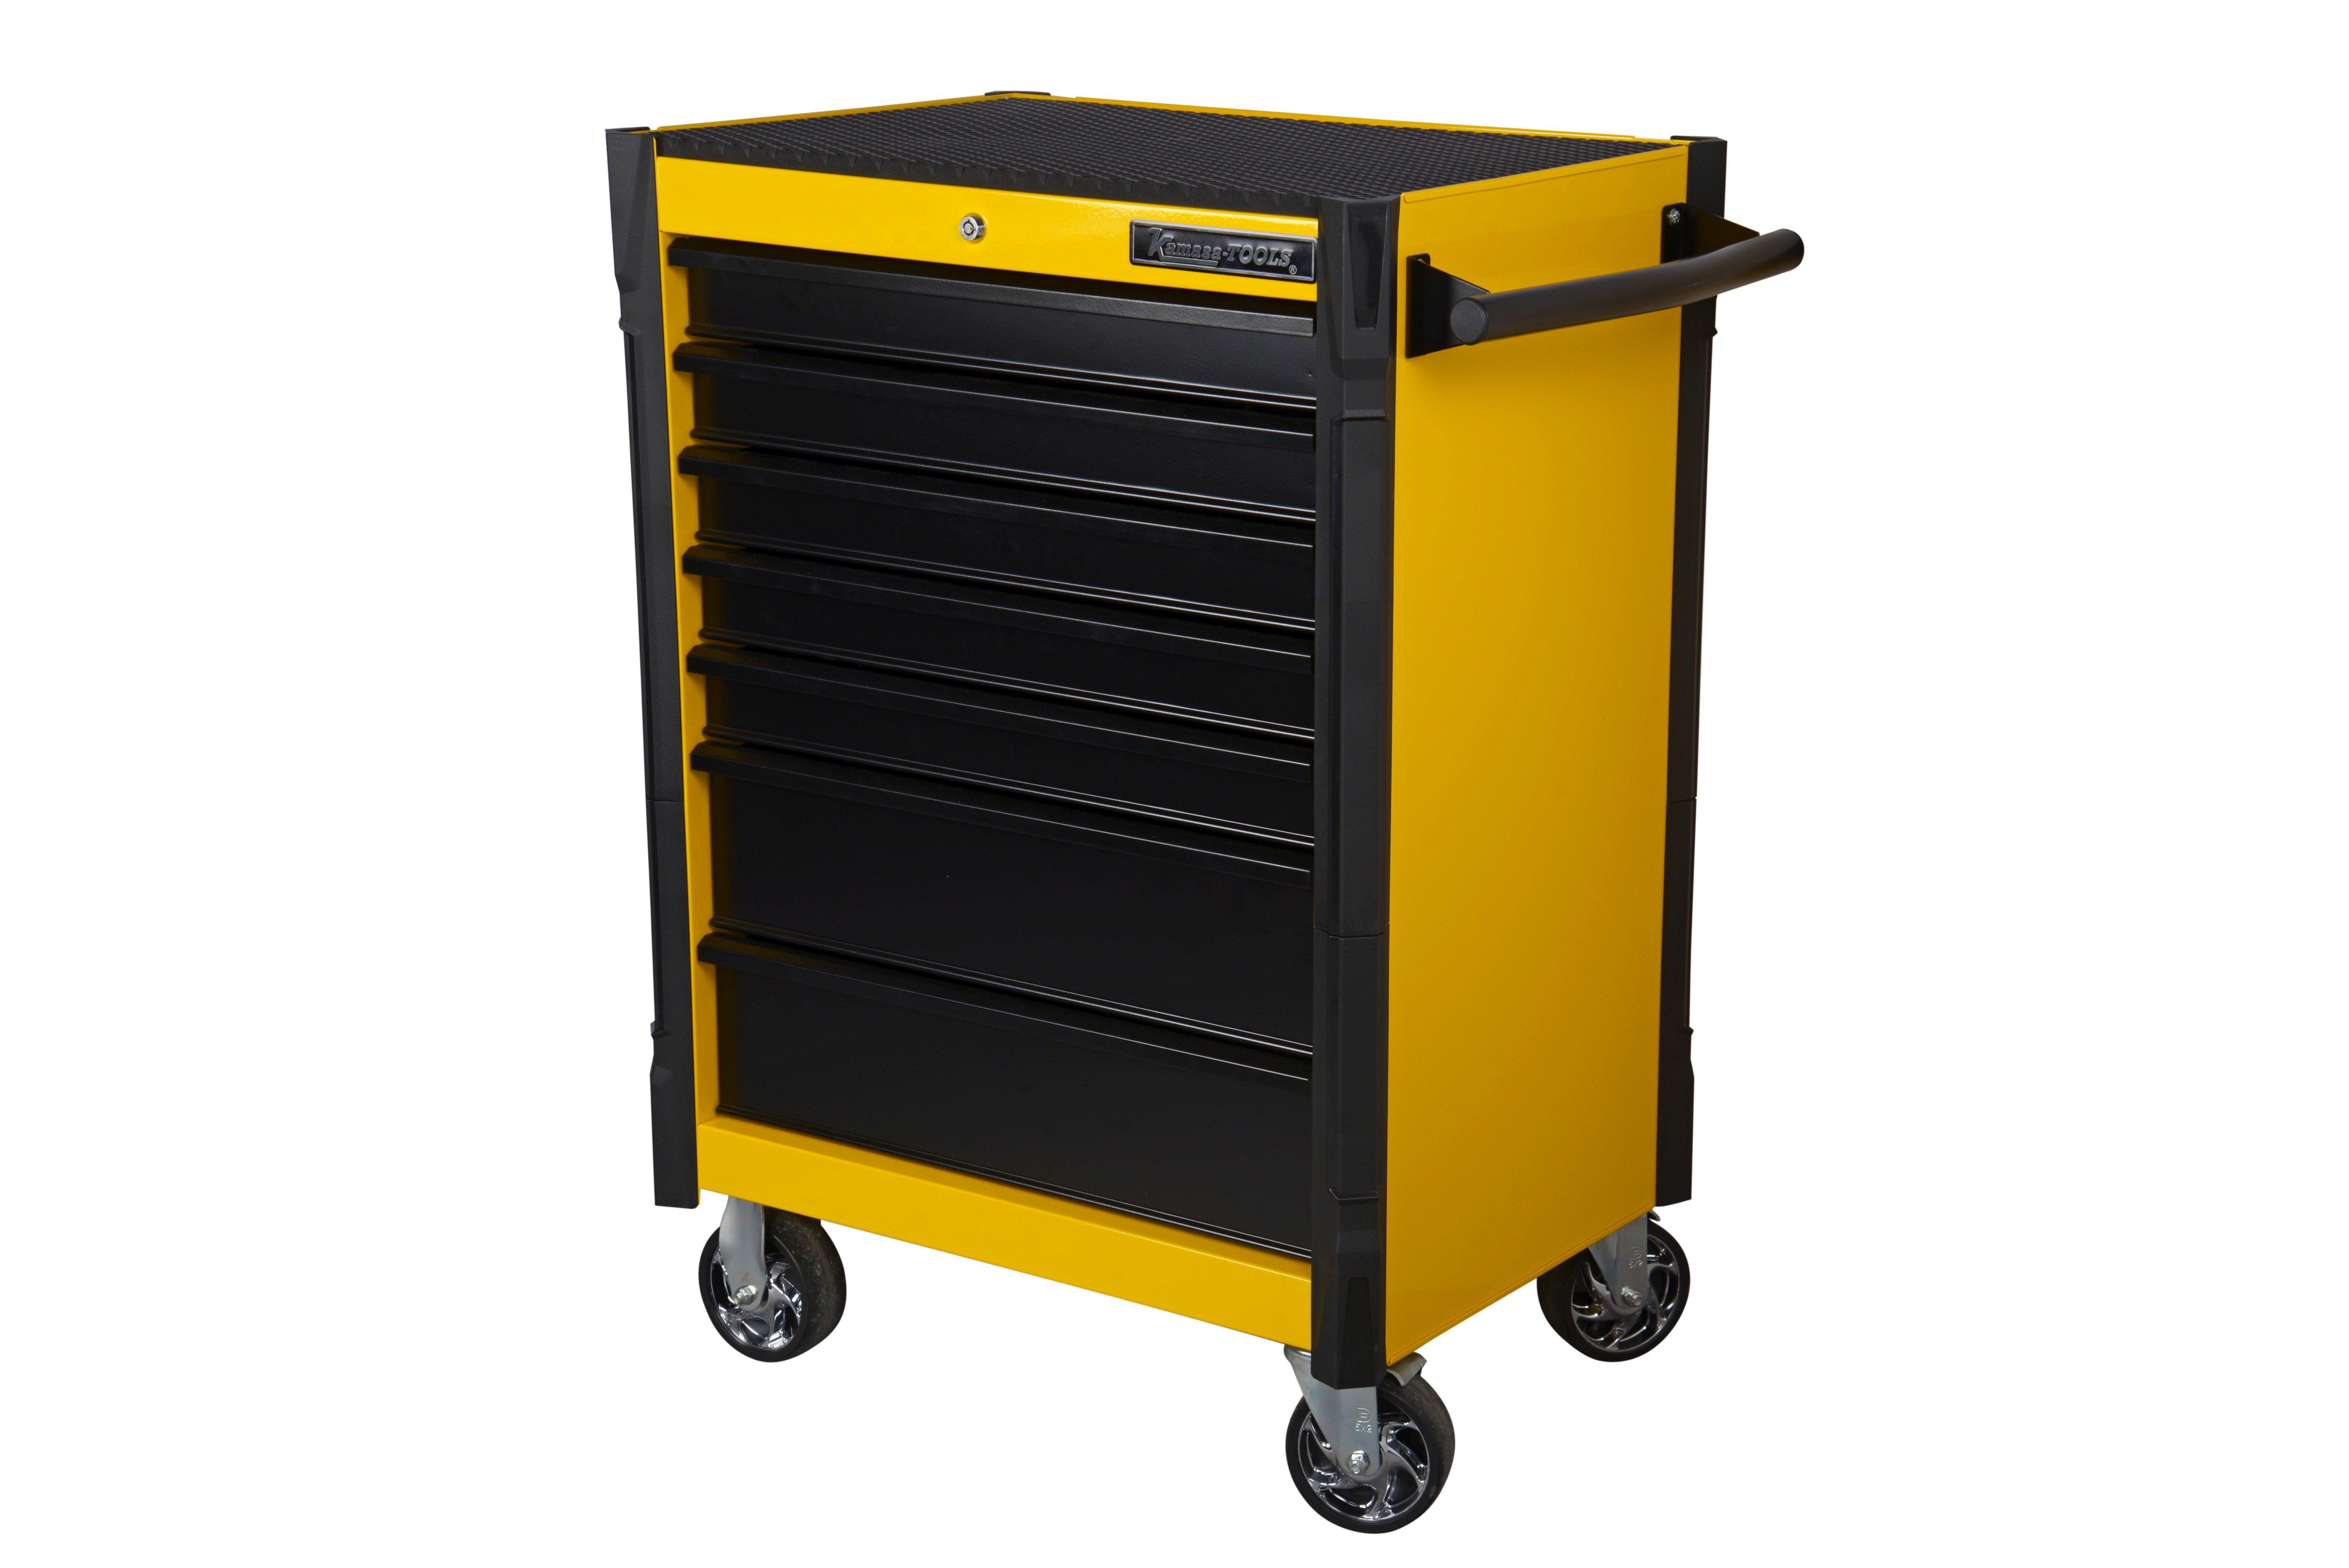 Verktygsvagn. 7 lådor. gul